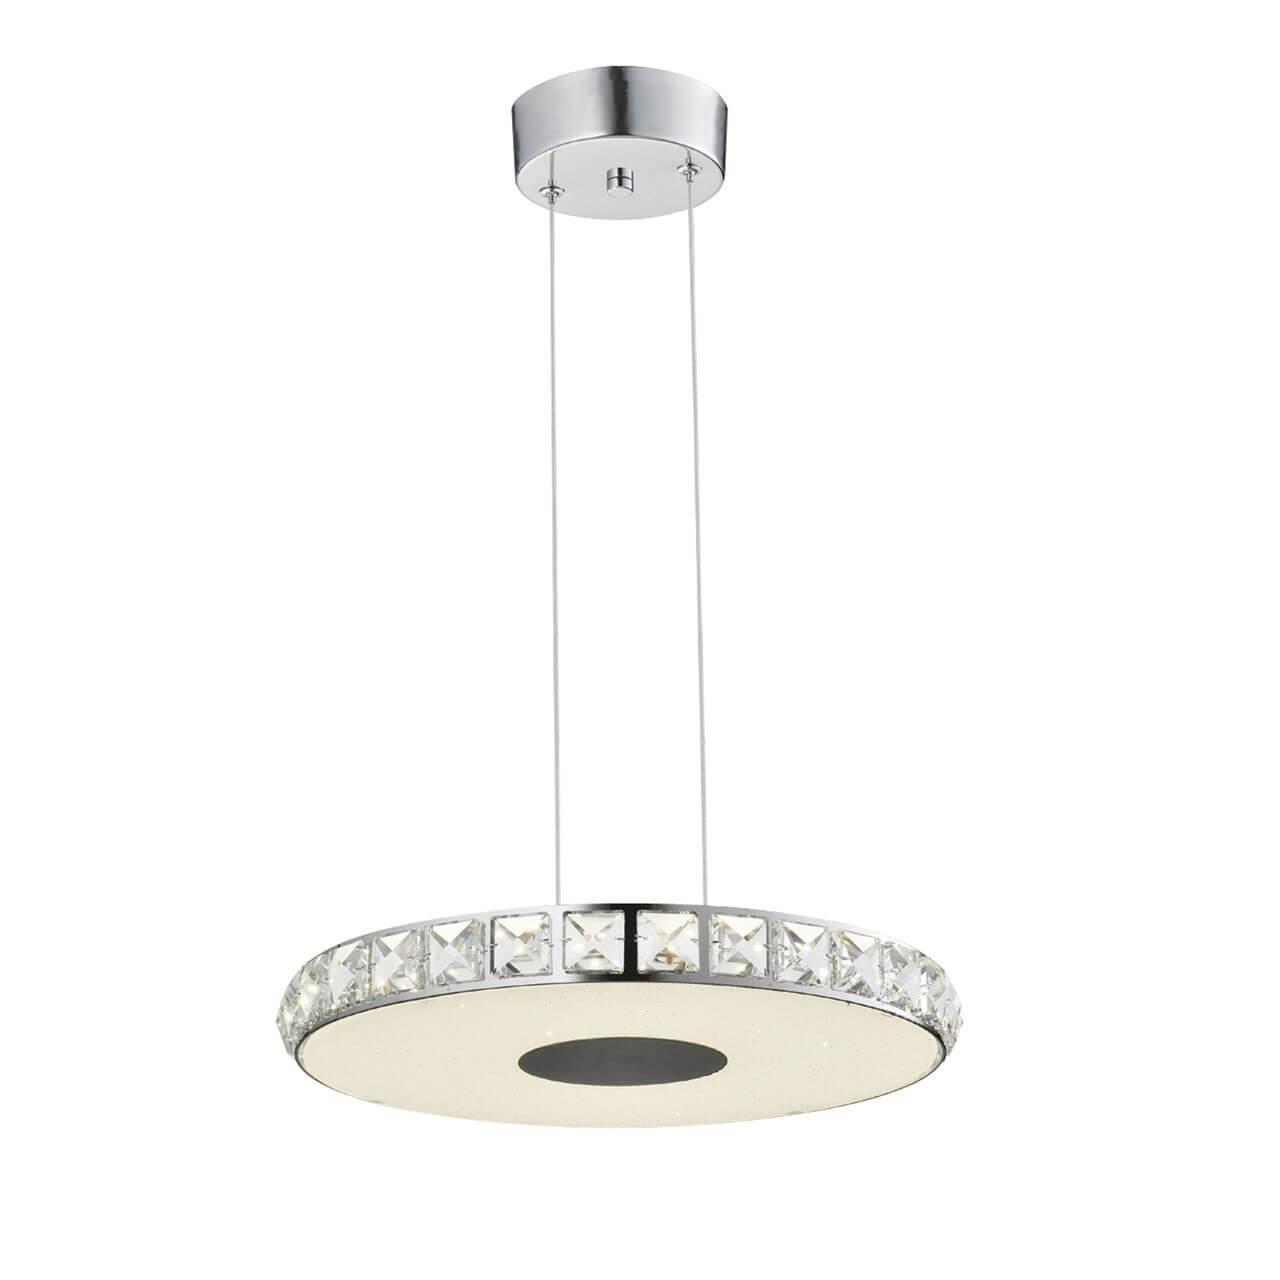 Подвесной светодиодный светильник ST Luce Impato SL821.103.01 фото